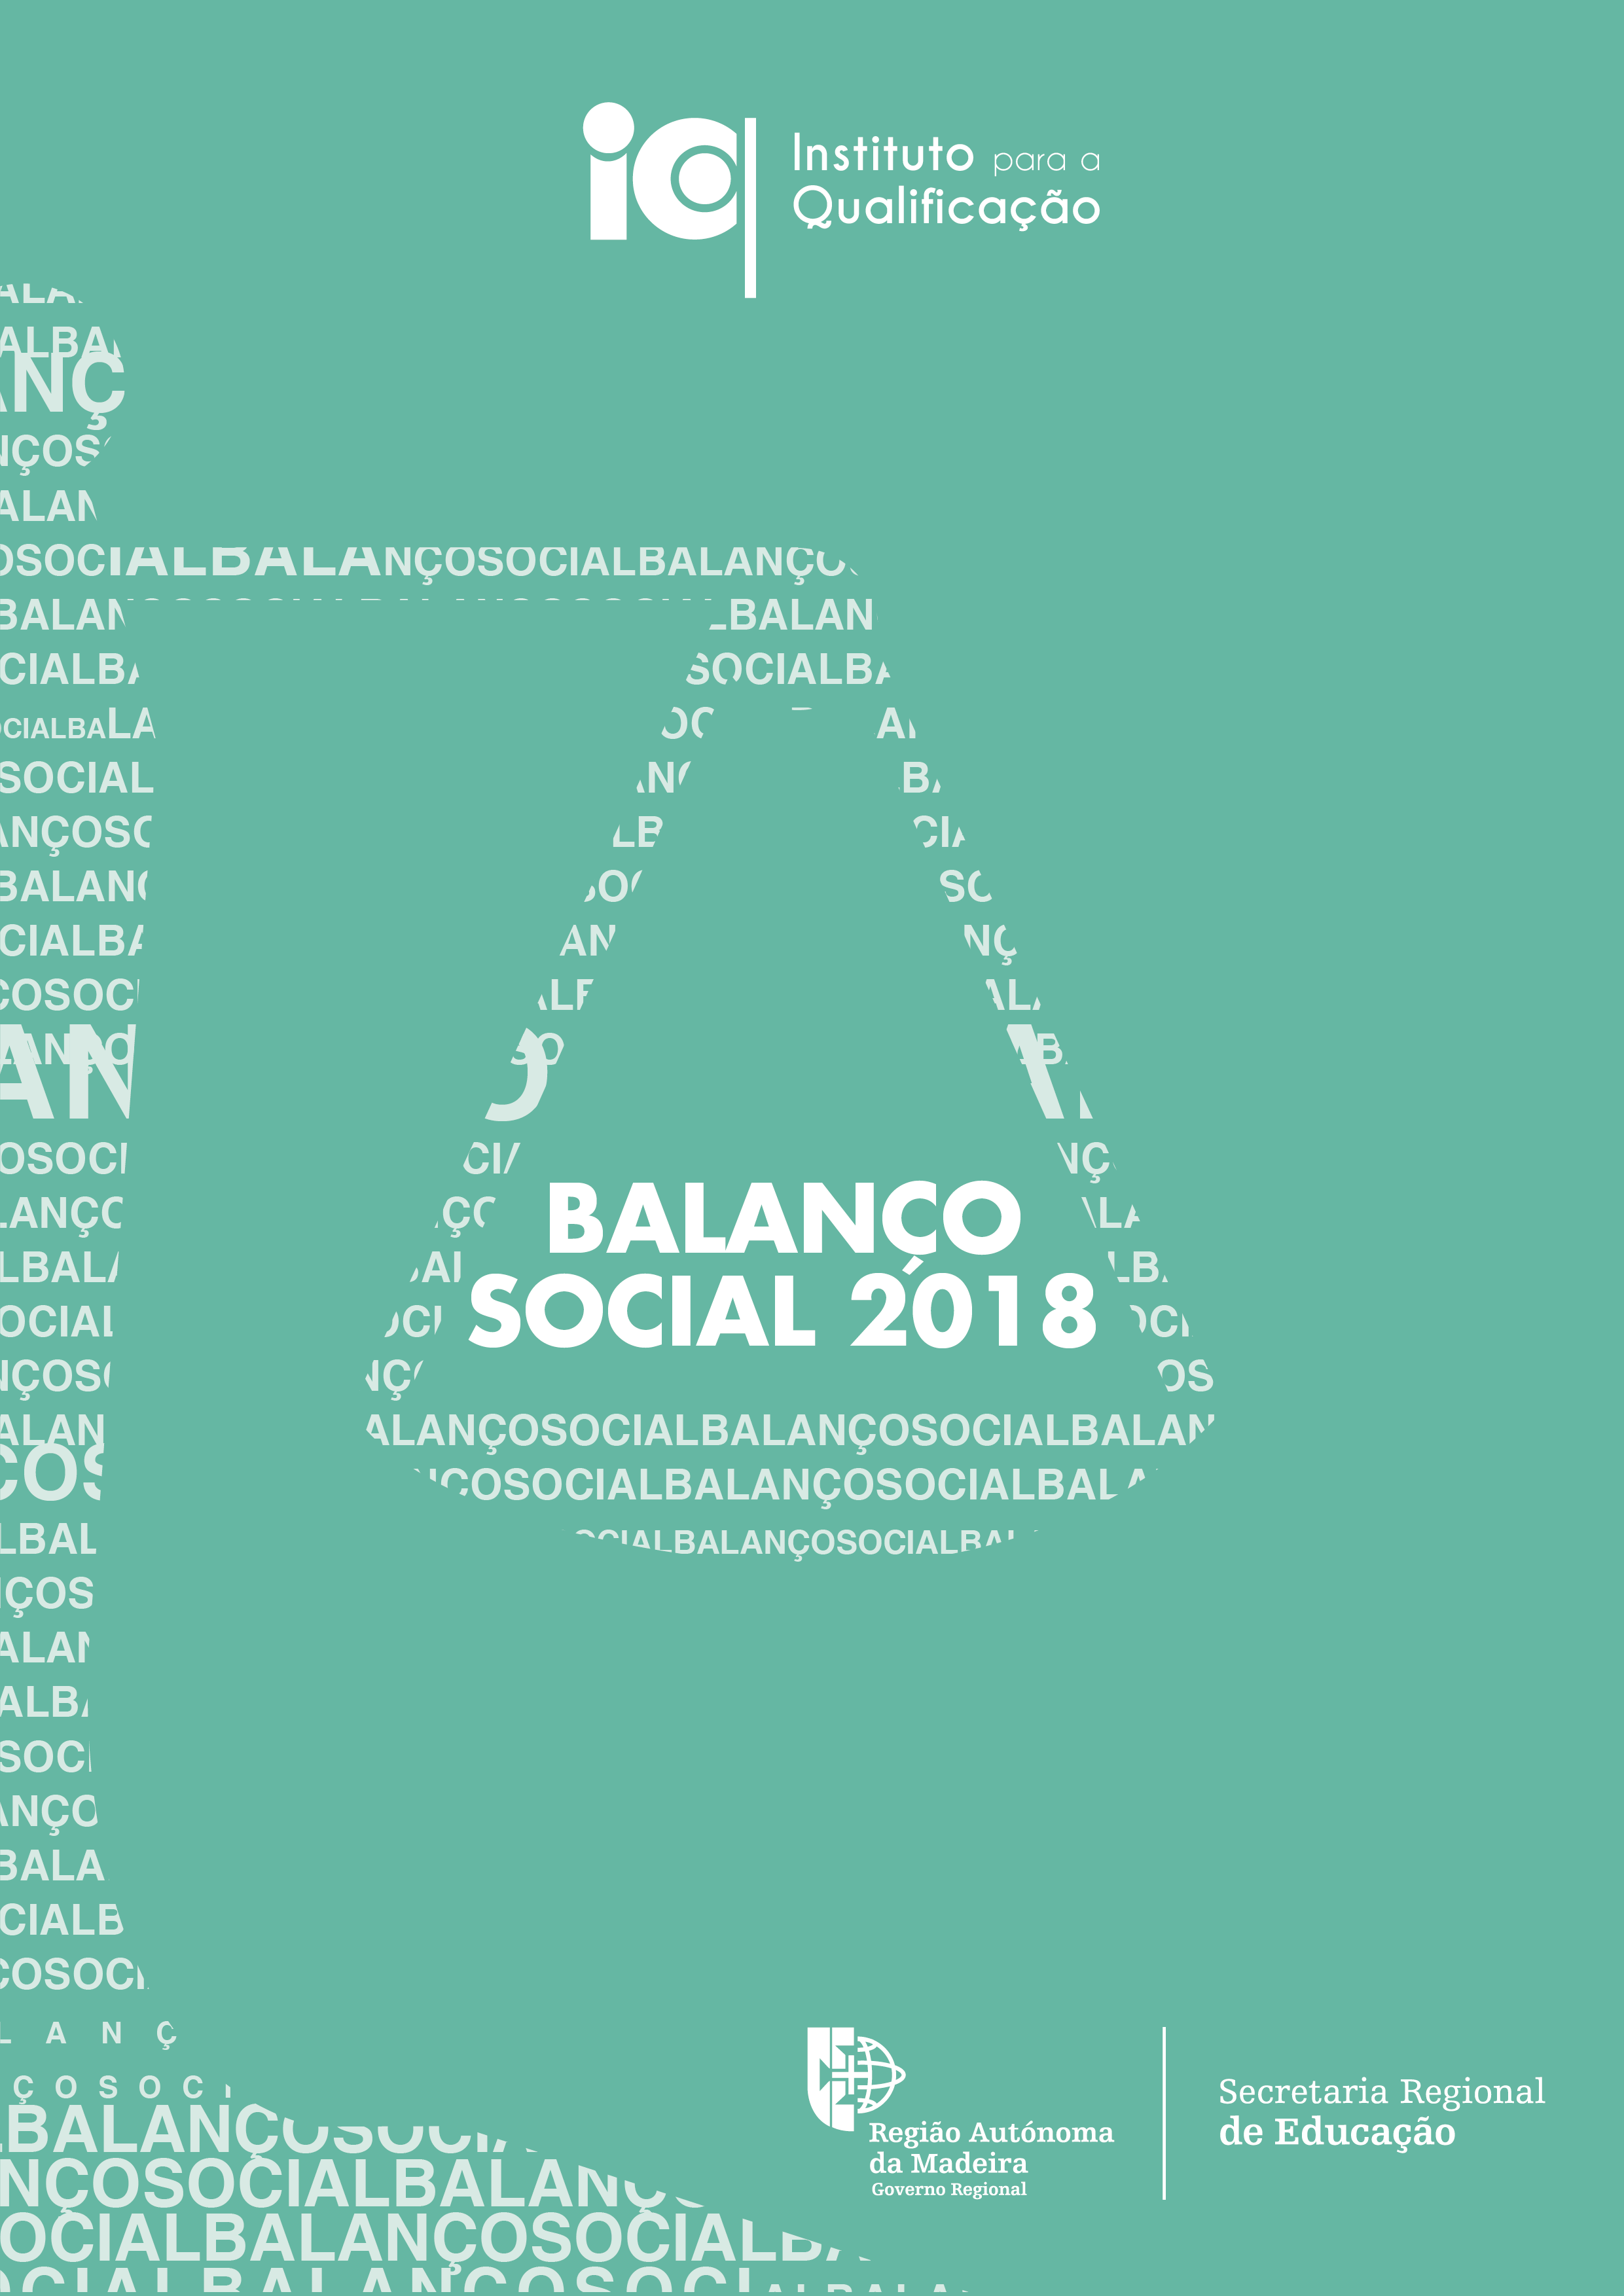 Balanço Social 2018